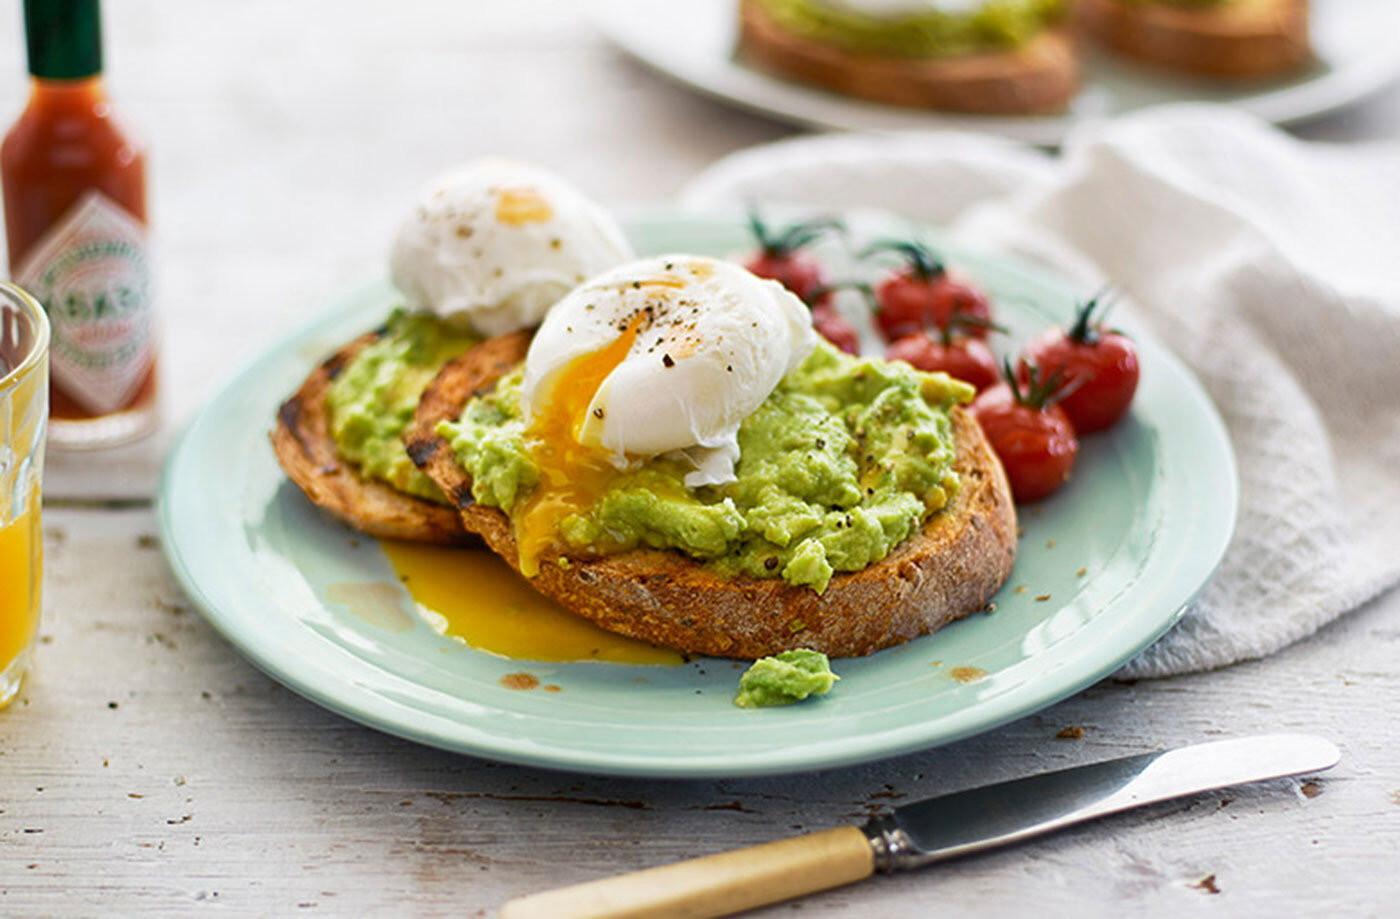 Avocado & Poached Eggs